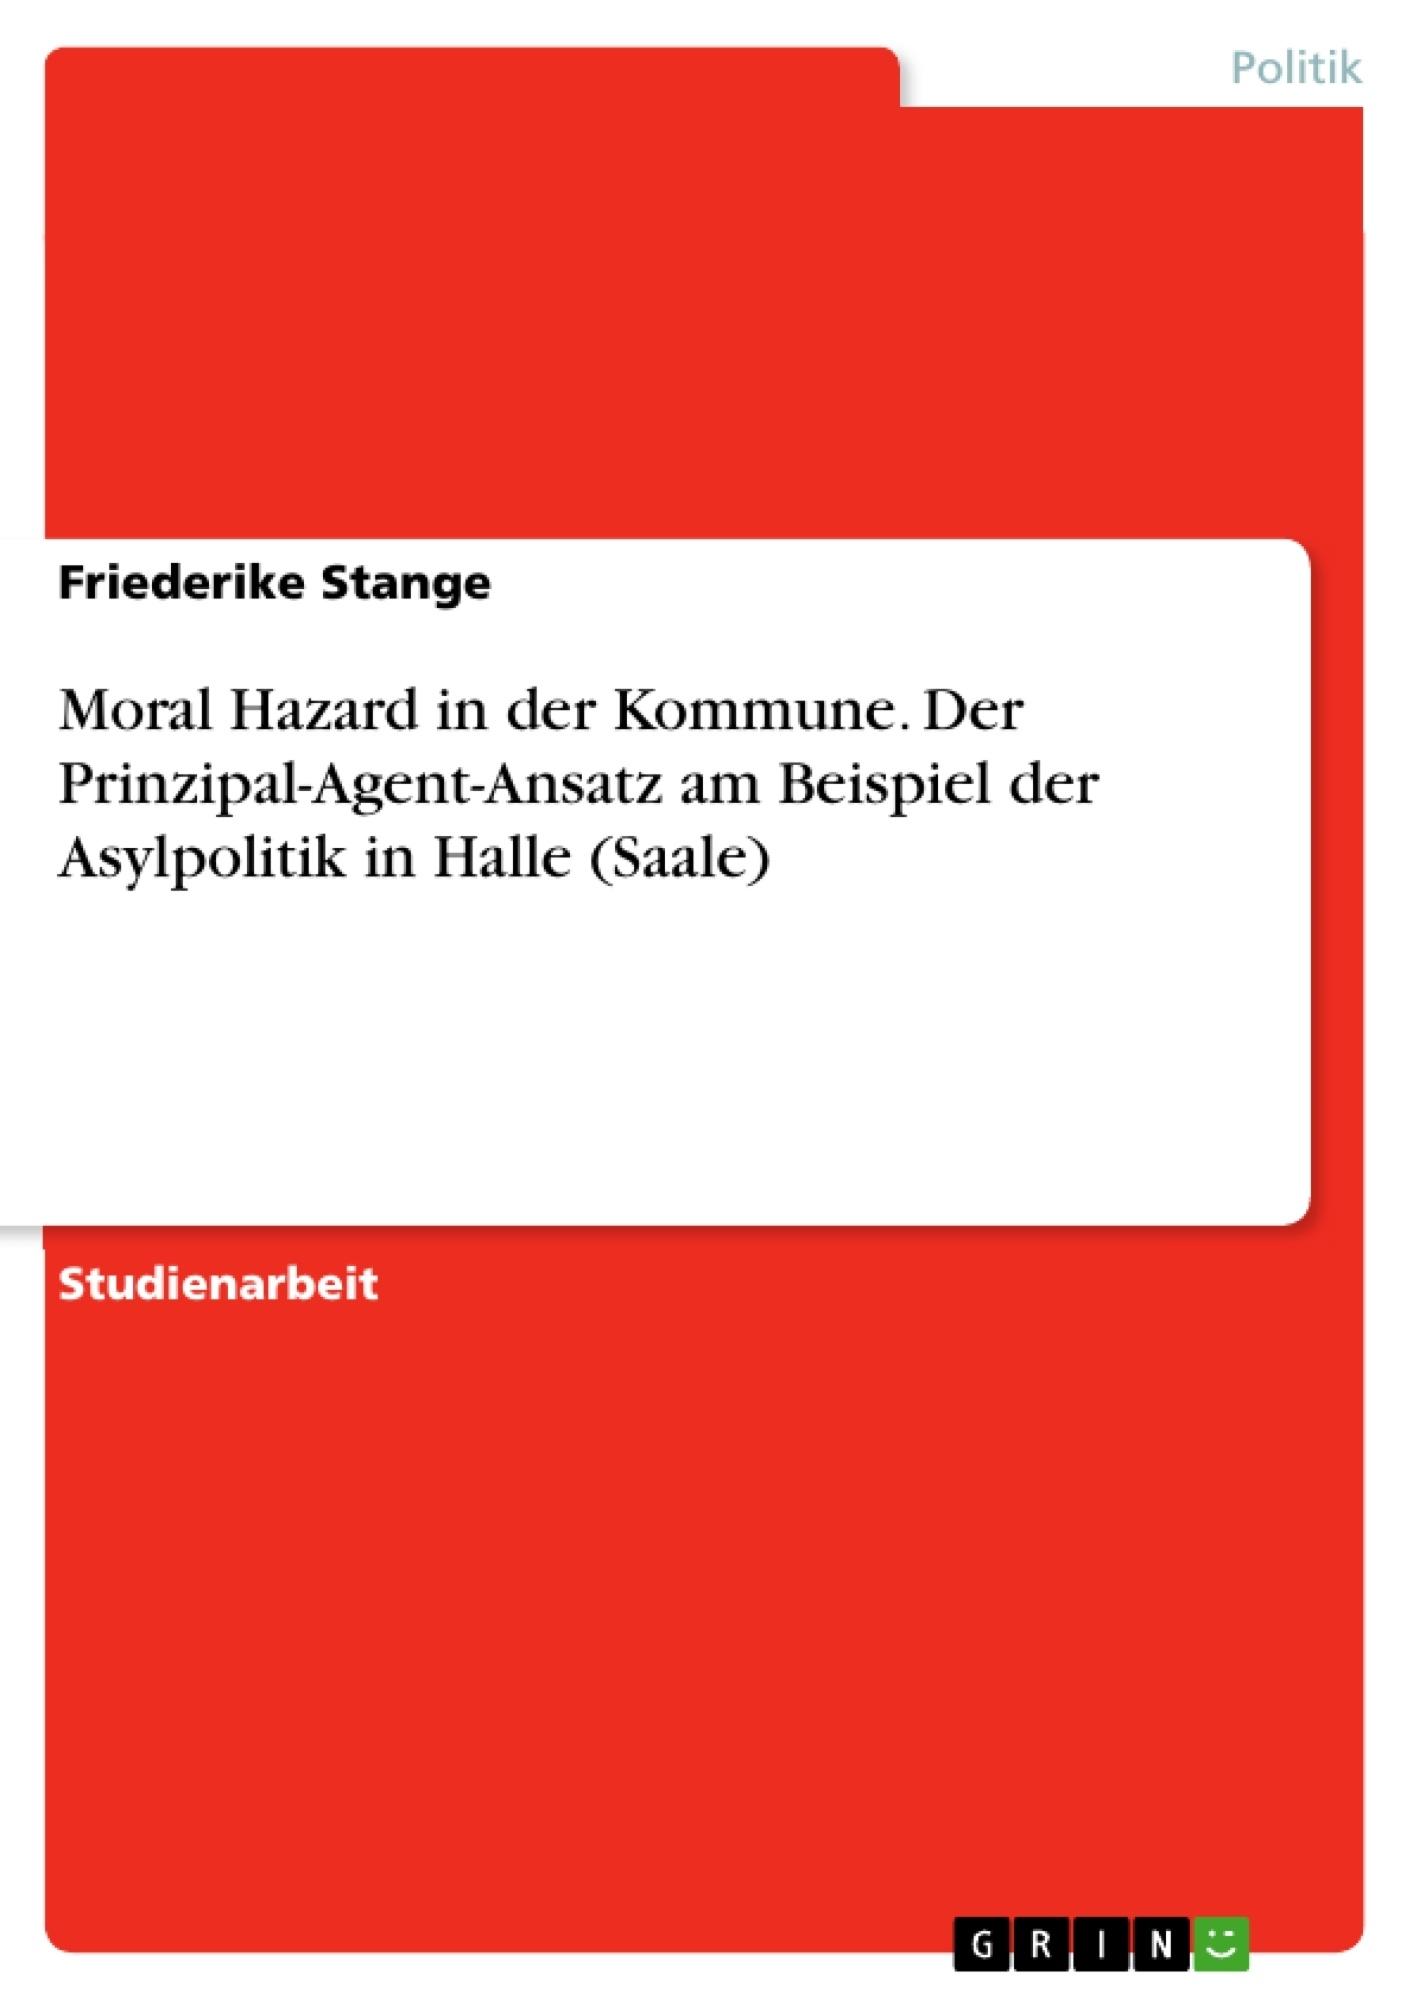 Titel: Moral Hazard in der Kommune. Der Prinzipal-Agent-Ansatz am Beispiel der Asylpolitik in Halle (Saale)